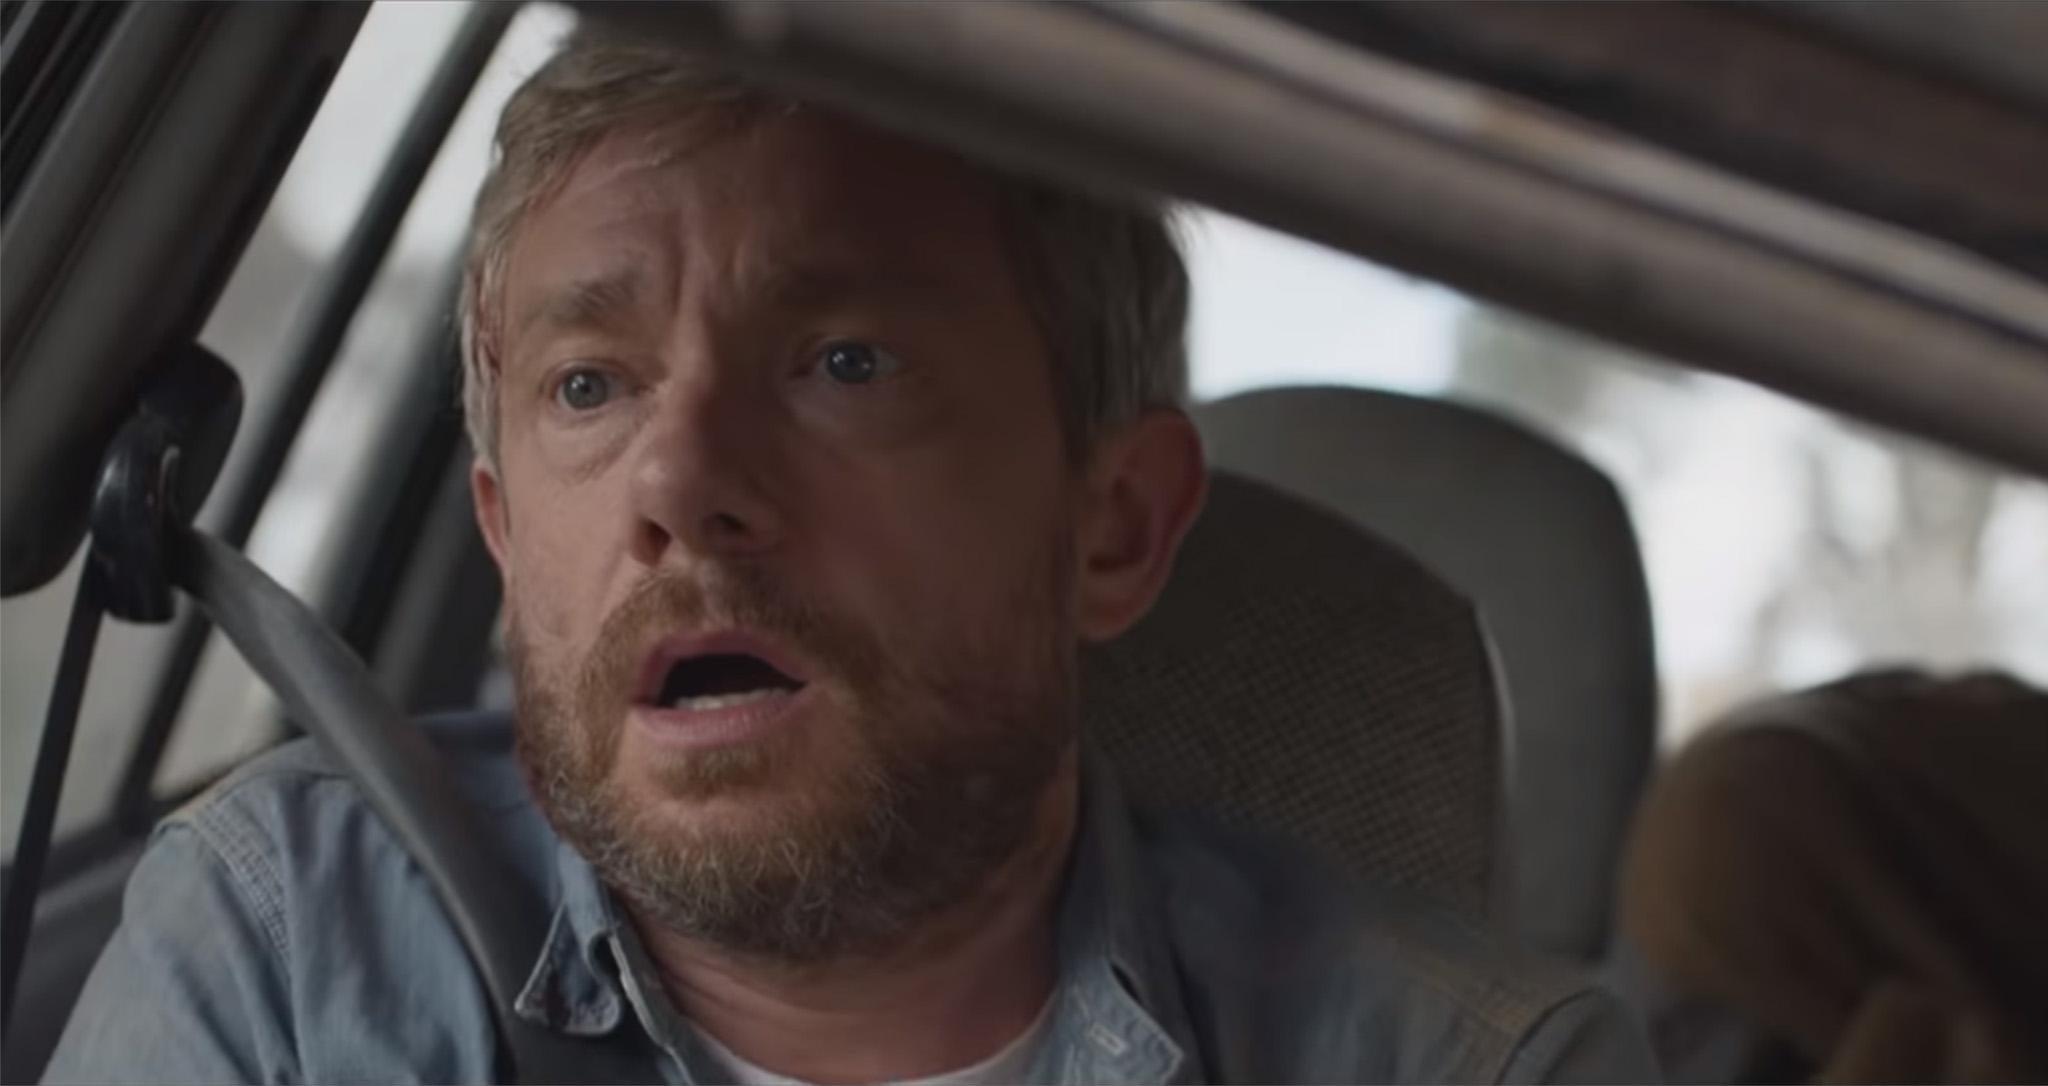 Stranger Things season 4: Release date, trailer, cast, fan